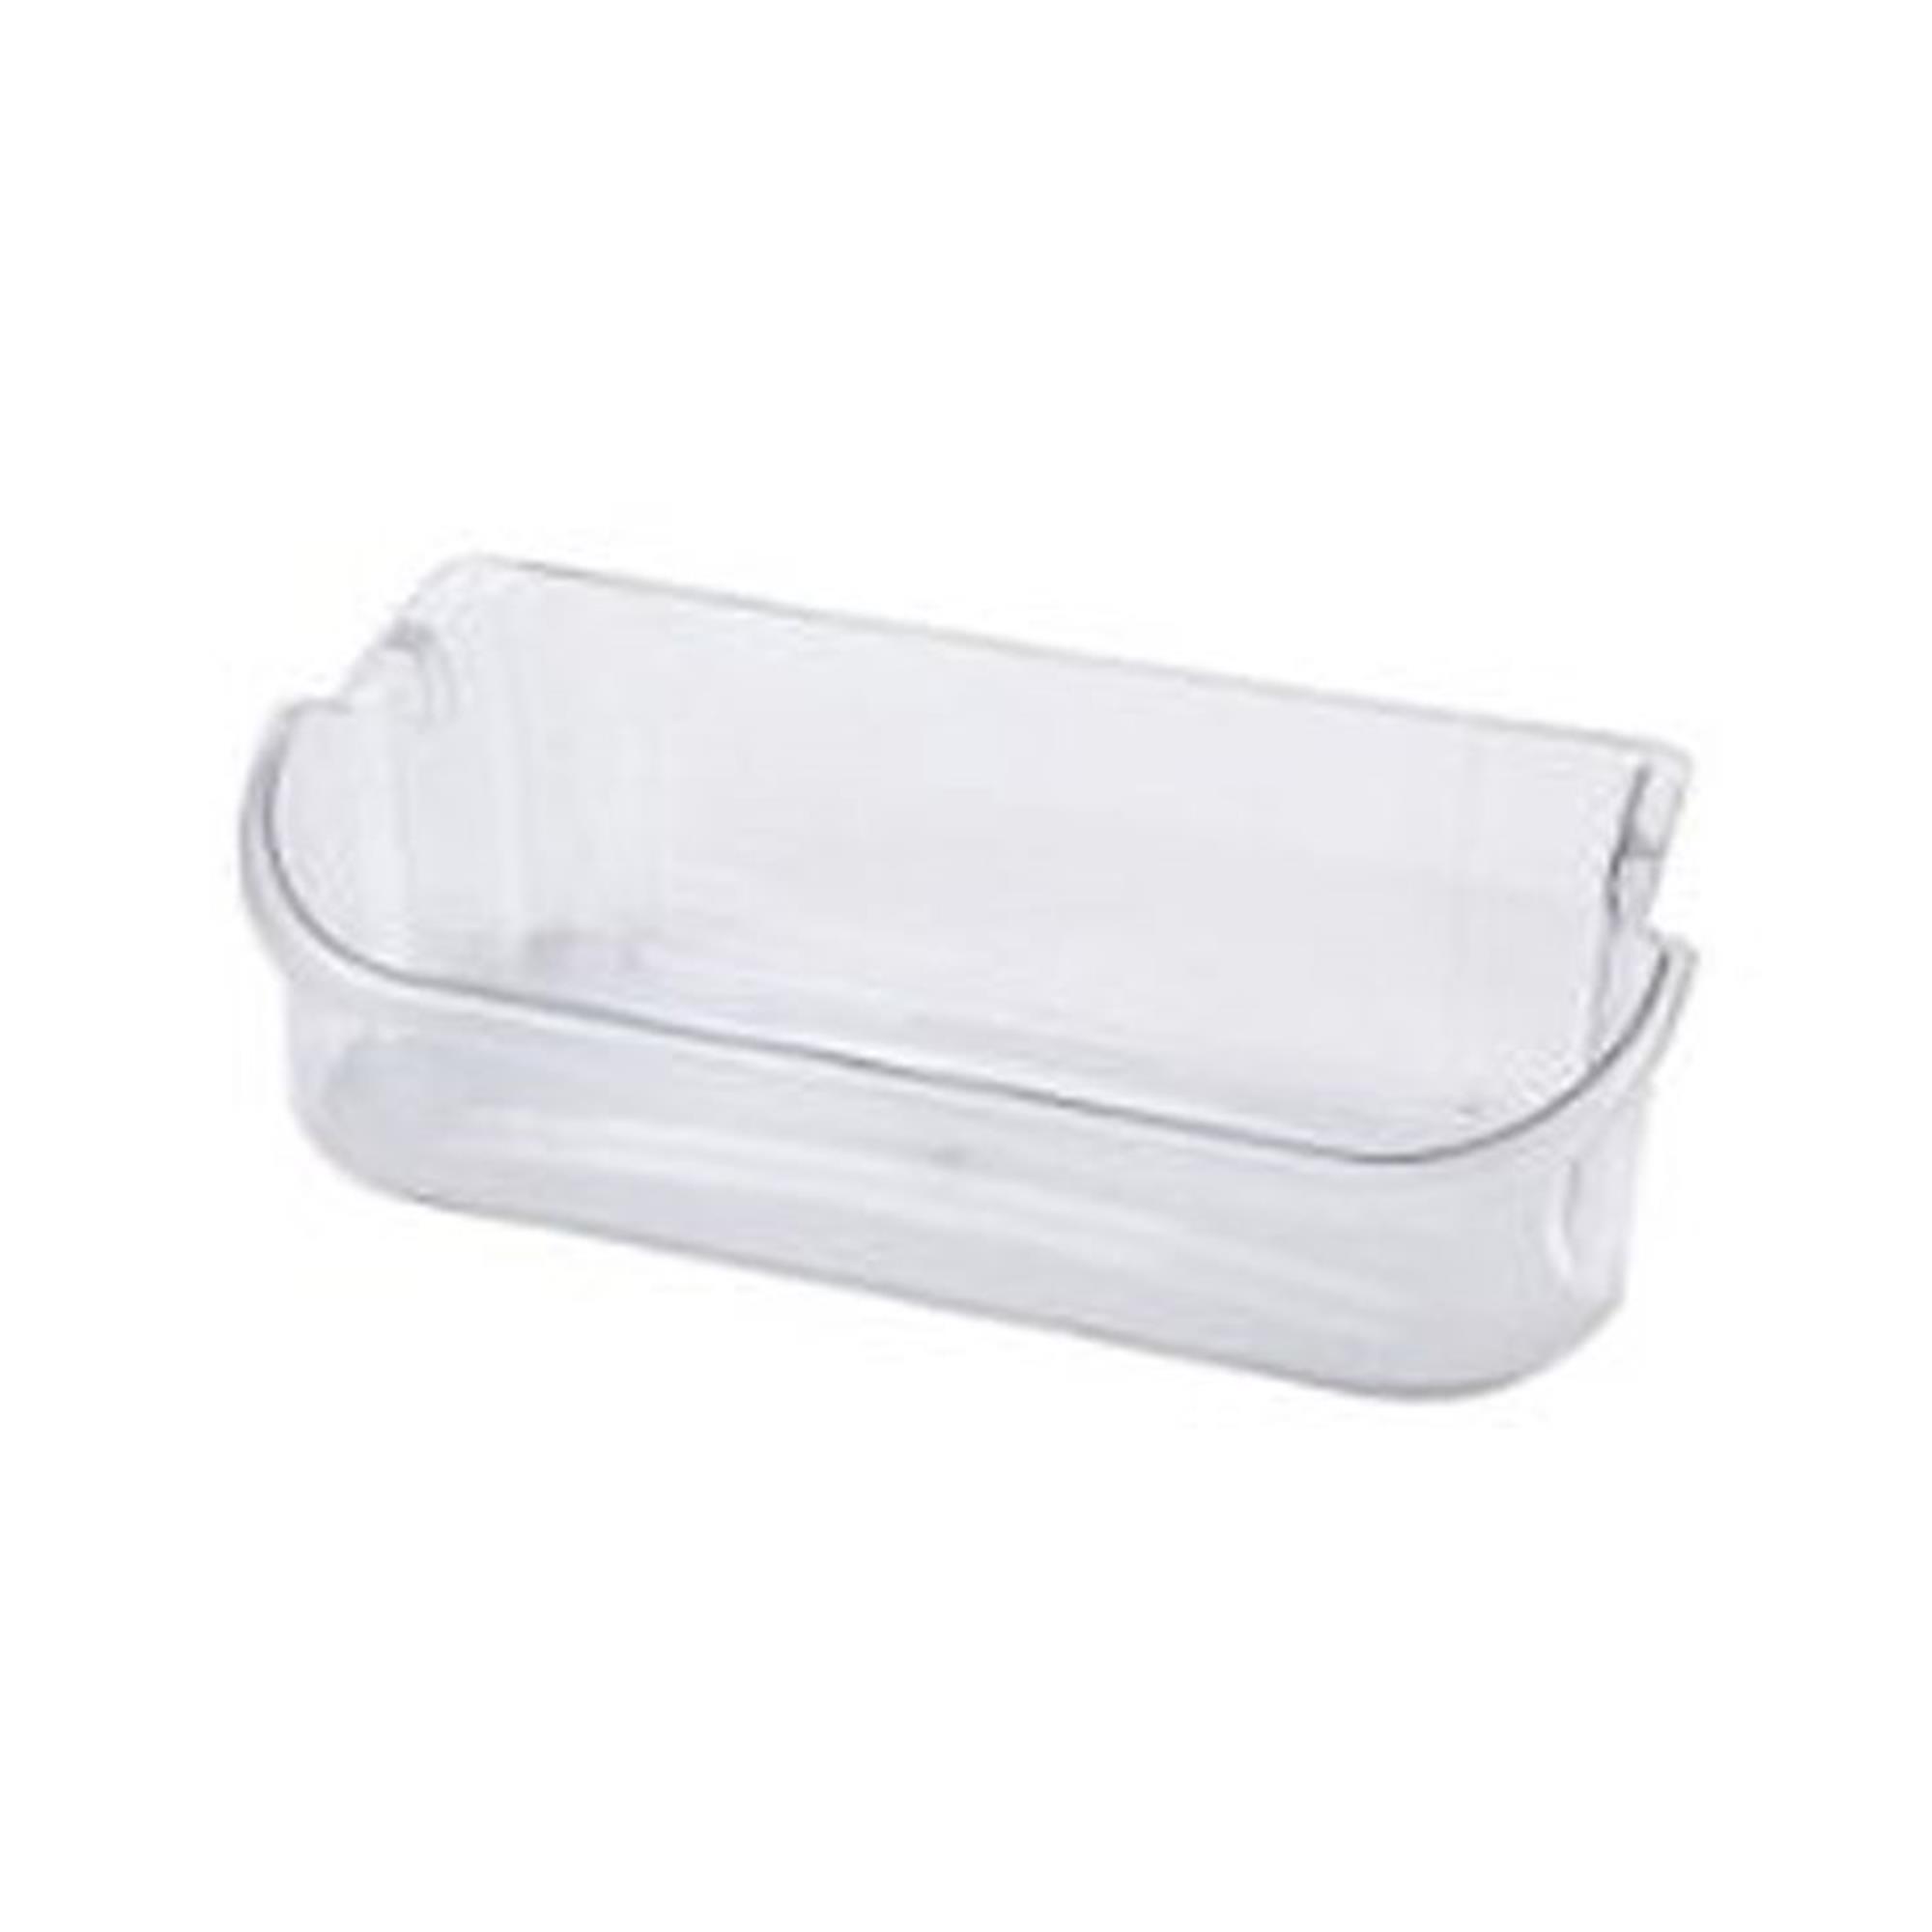 241505501 For Frigidaire Refrigerator Door Shelf Bin